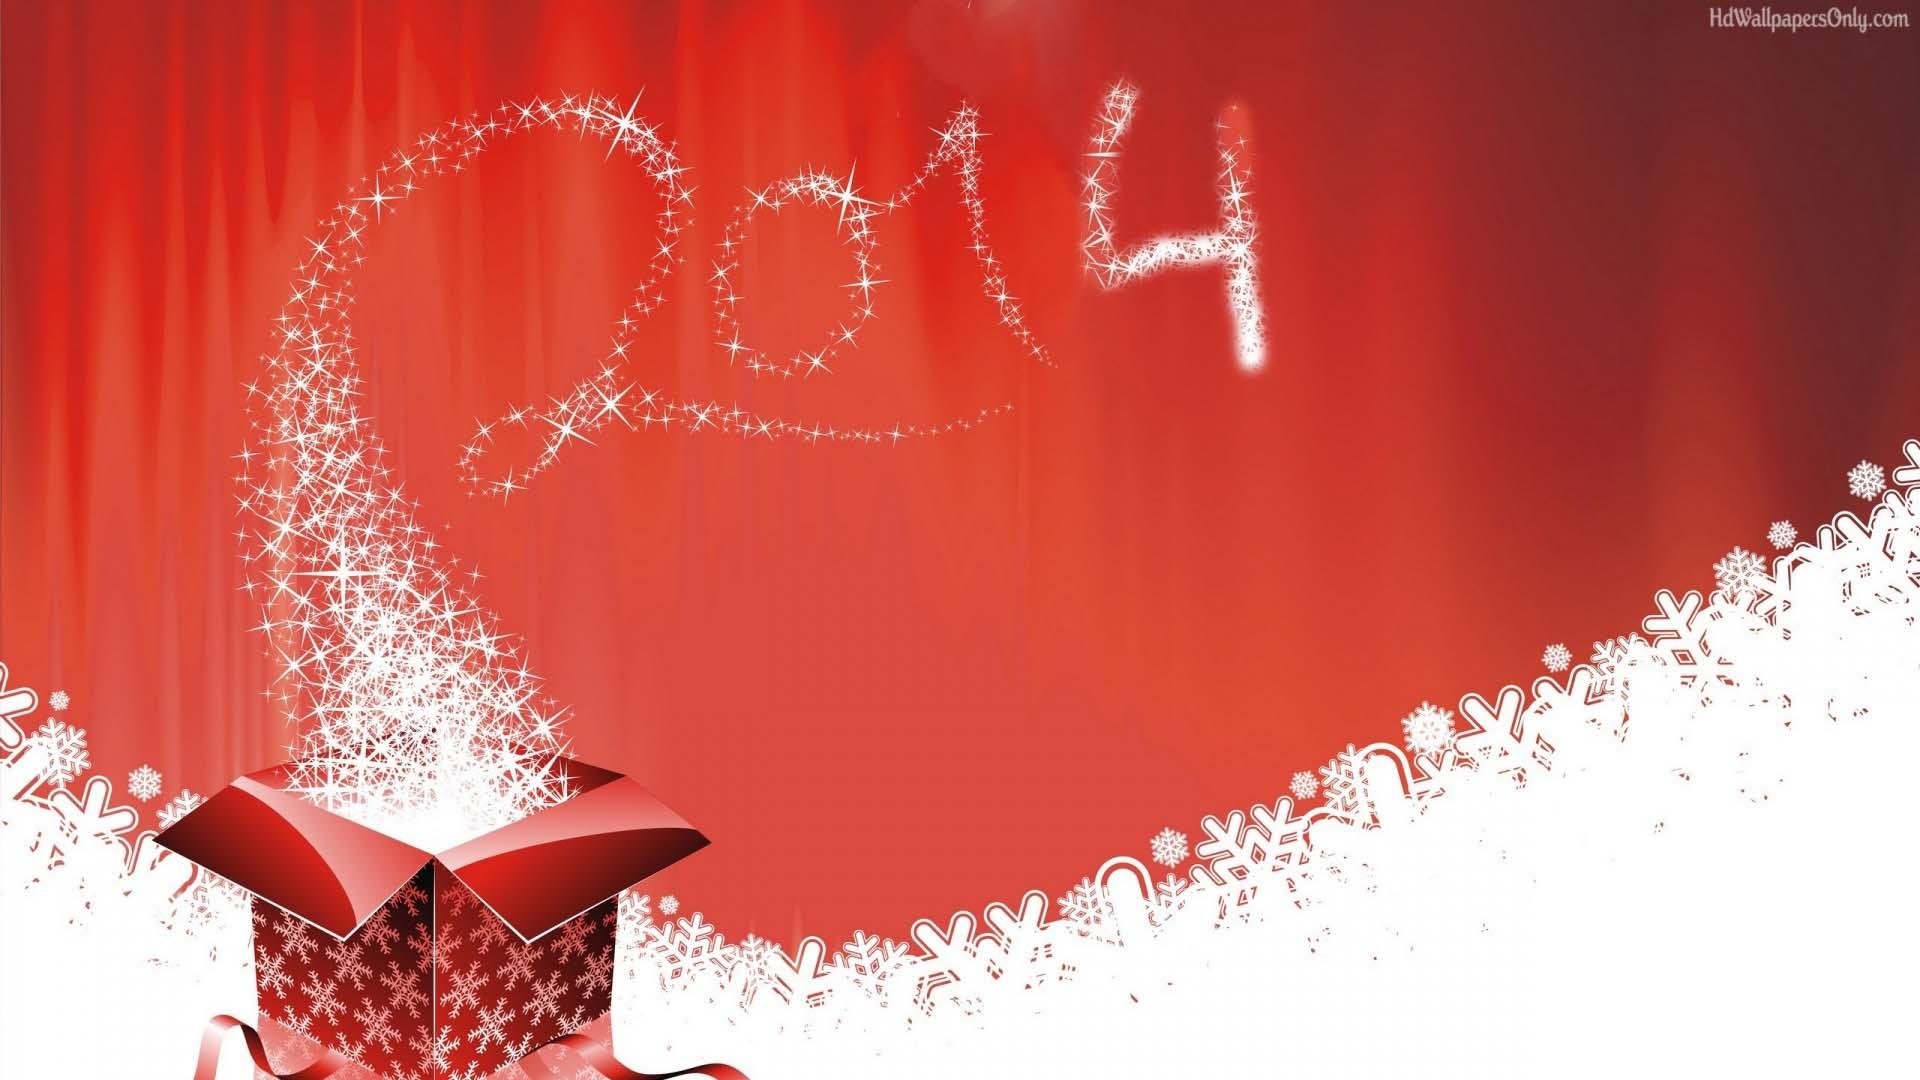 اجدد كفرات للفيسبوك مكتوب عليها 2014 , اغلفة السنة الجديدة للفيسبوك 2014